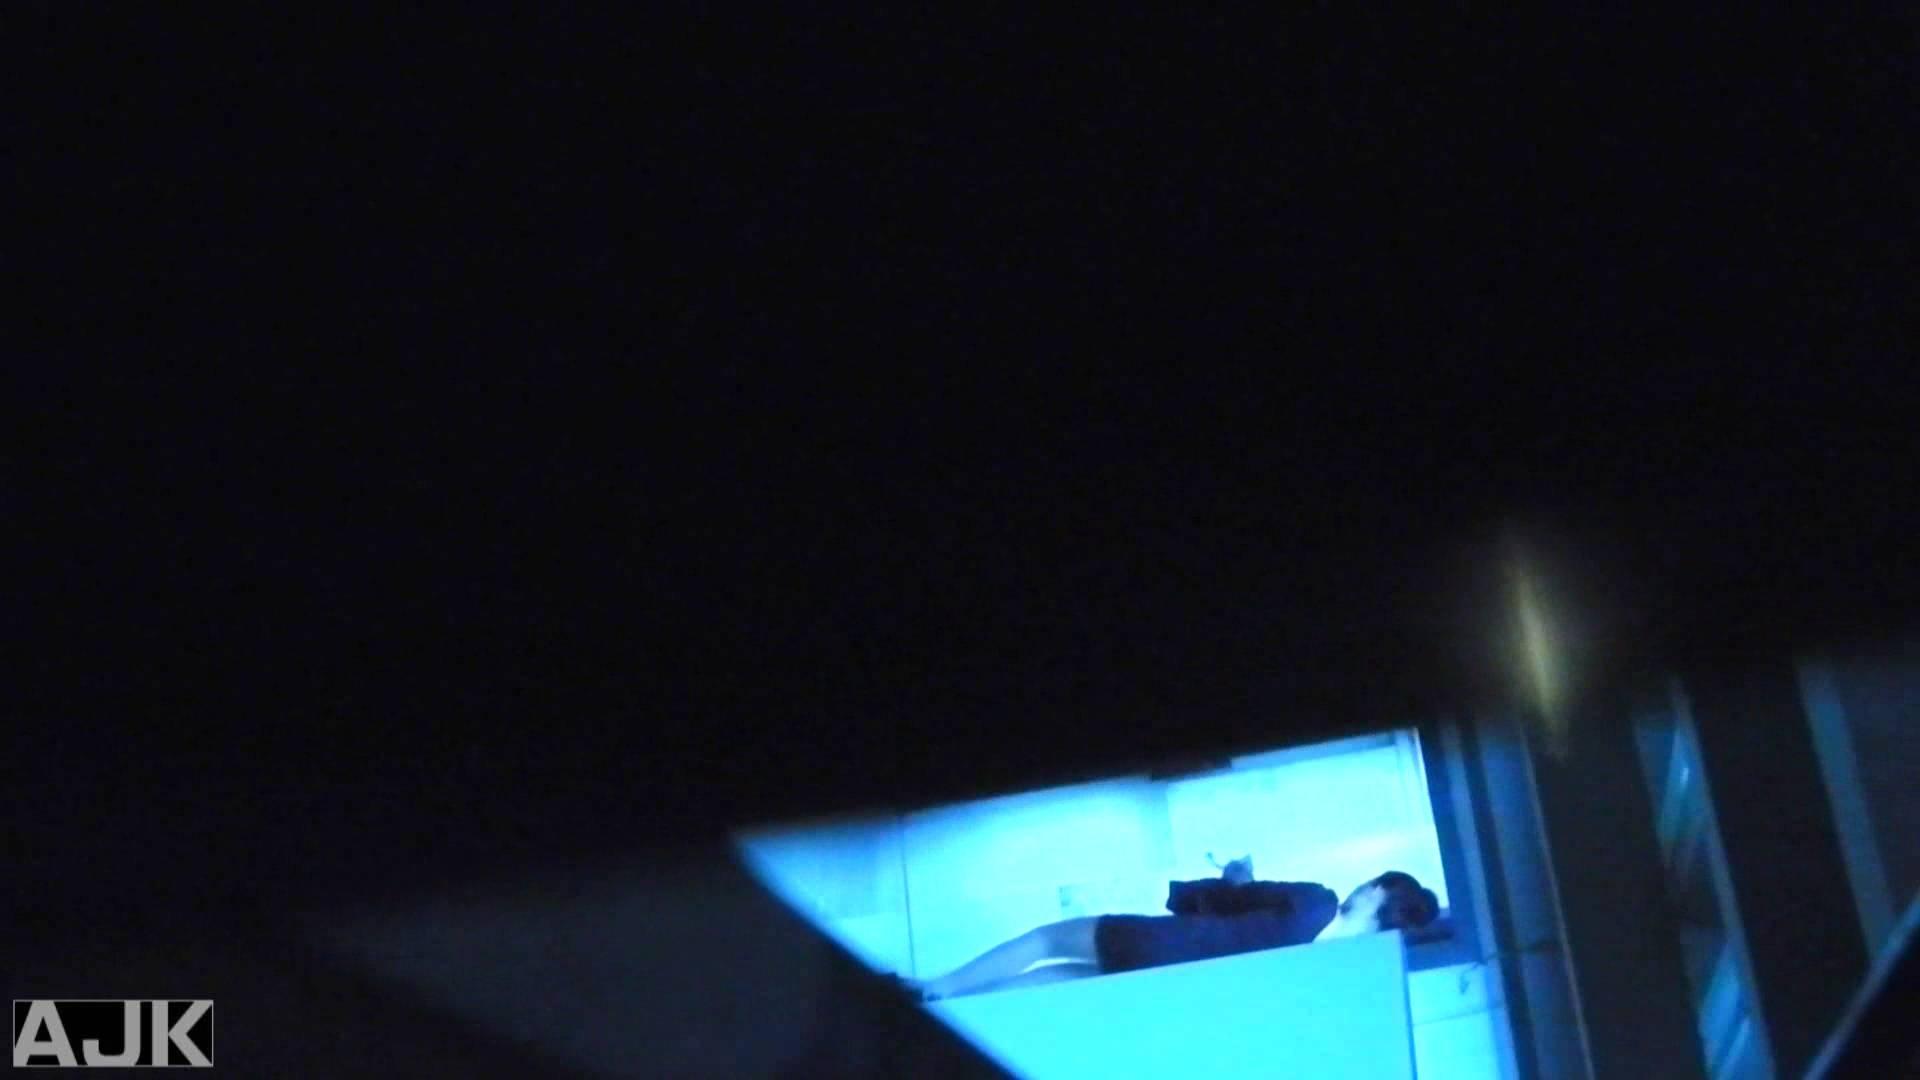 神降臨!史上最強の潜入かわや! vol.22 マンコ・ムレムレ   美しいOLの裸体  96pic 64